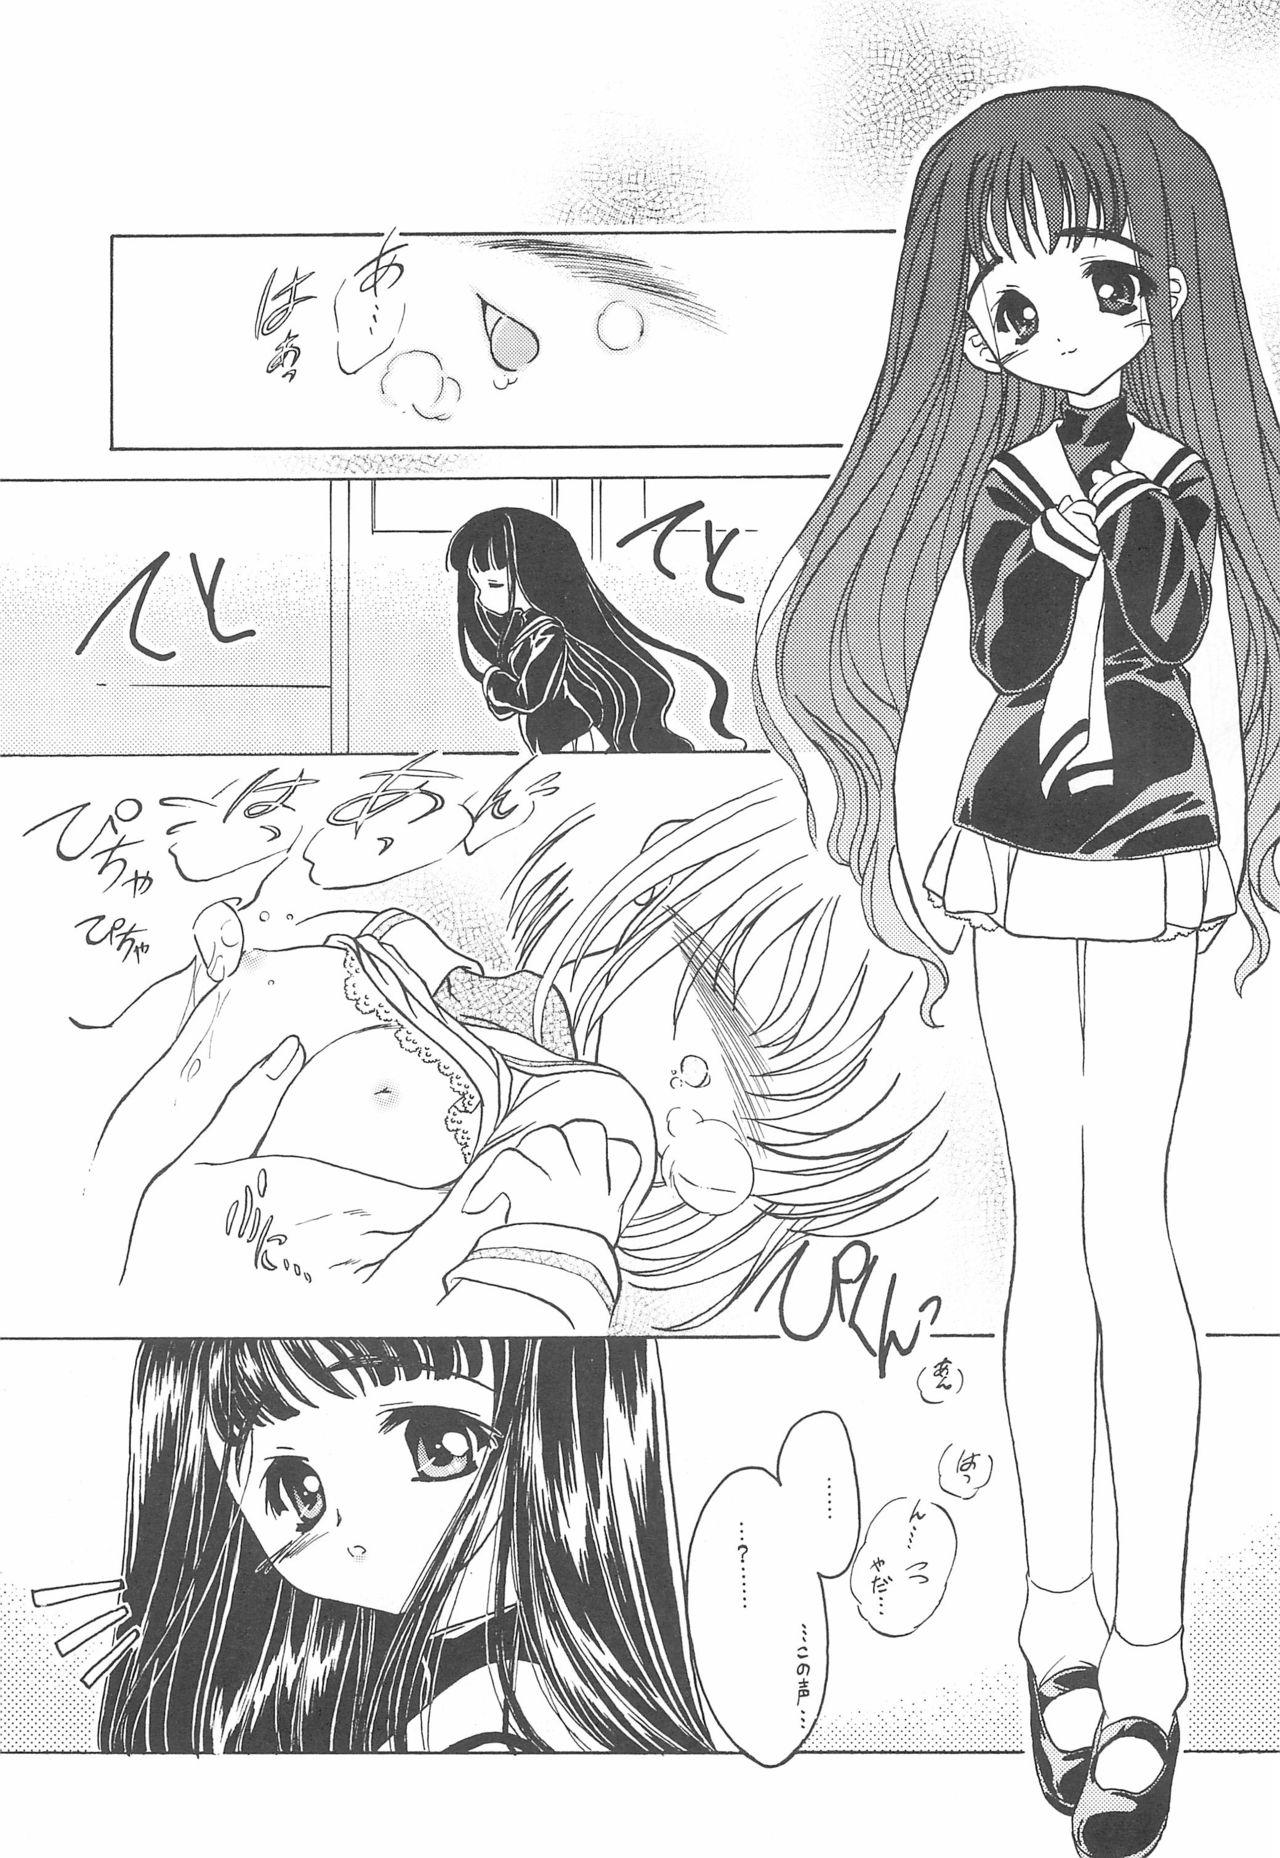 Koneko no Yotogi 6